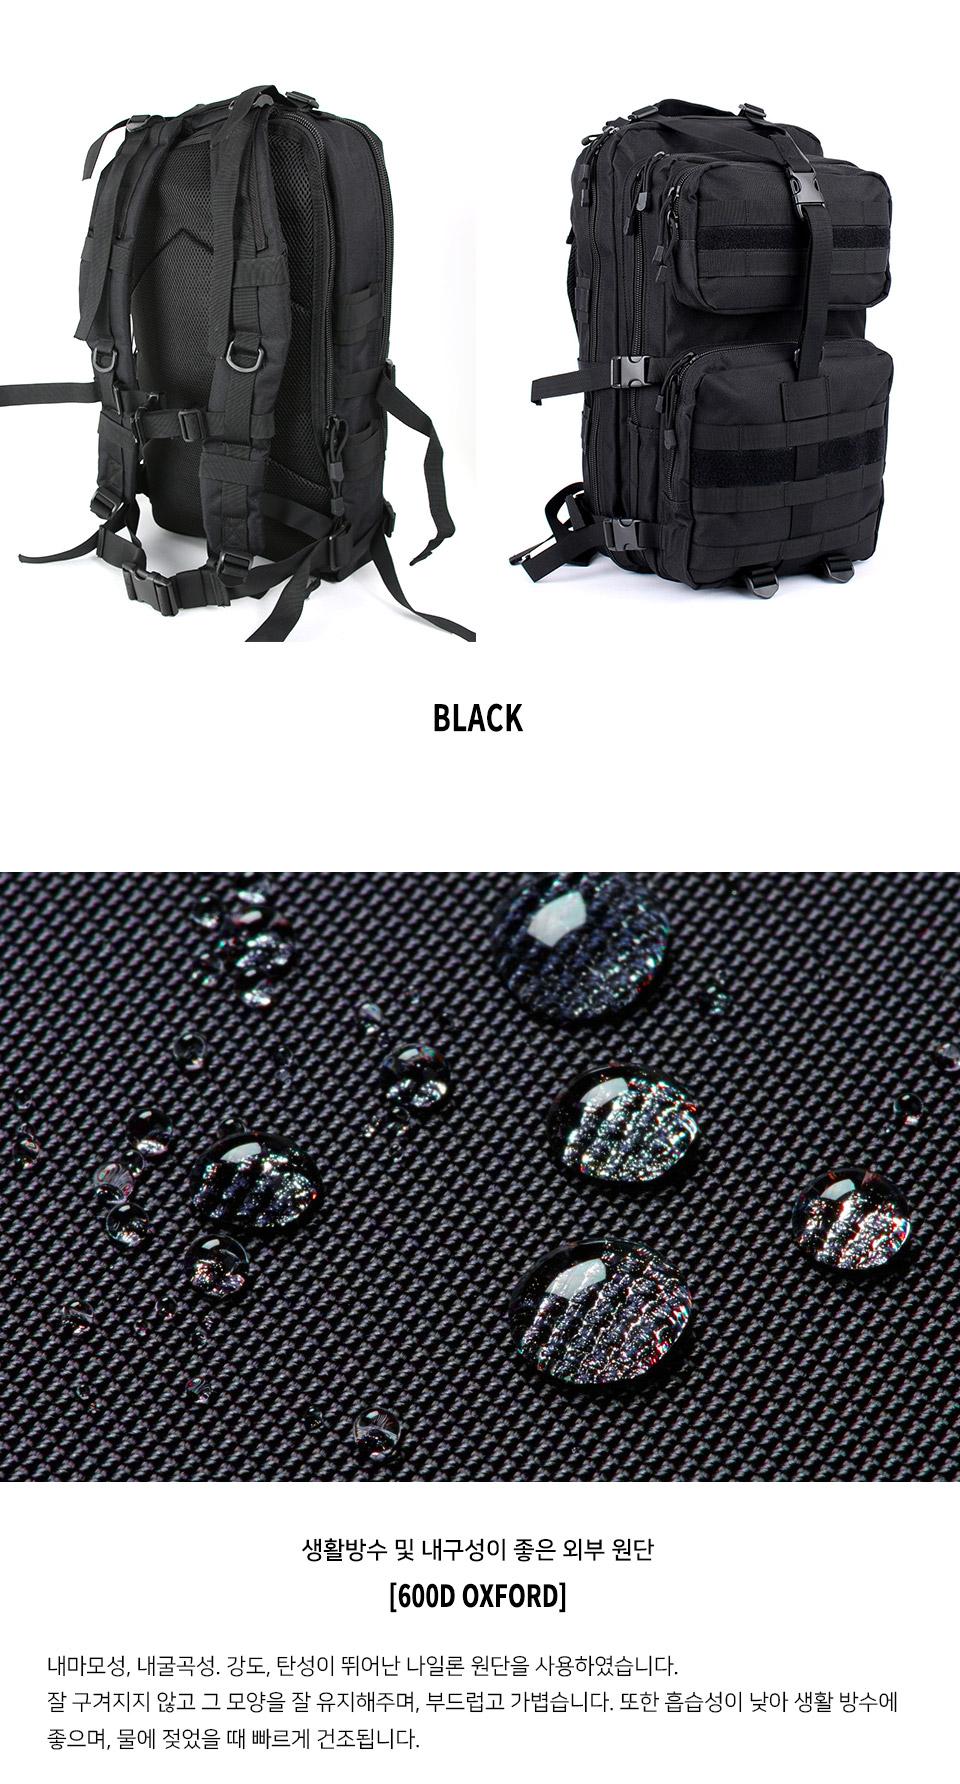 웍스페디션 트라움 35리터 전술 백팩 블랙 BLACK [WPK025TR351]